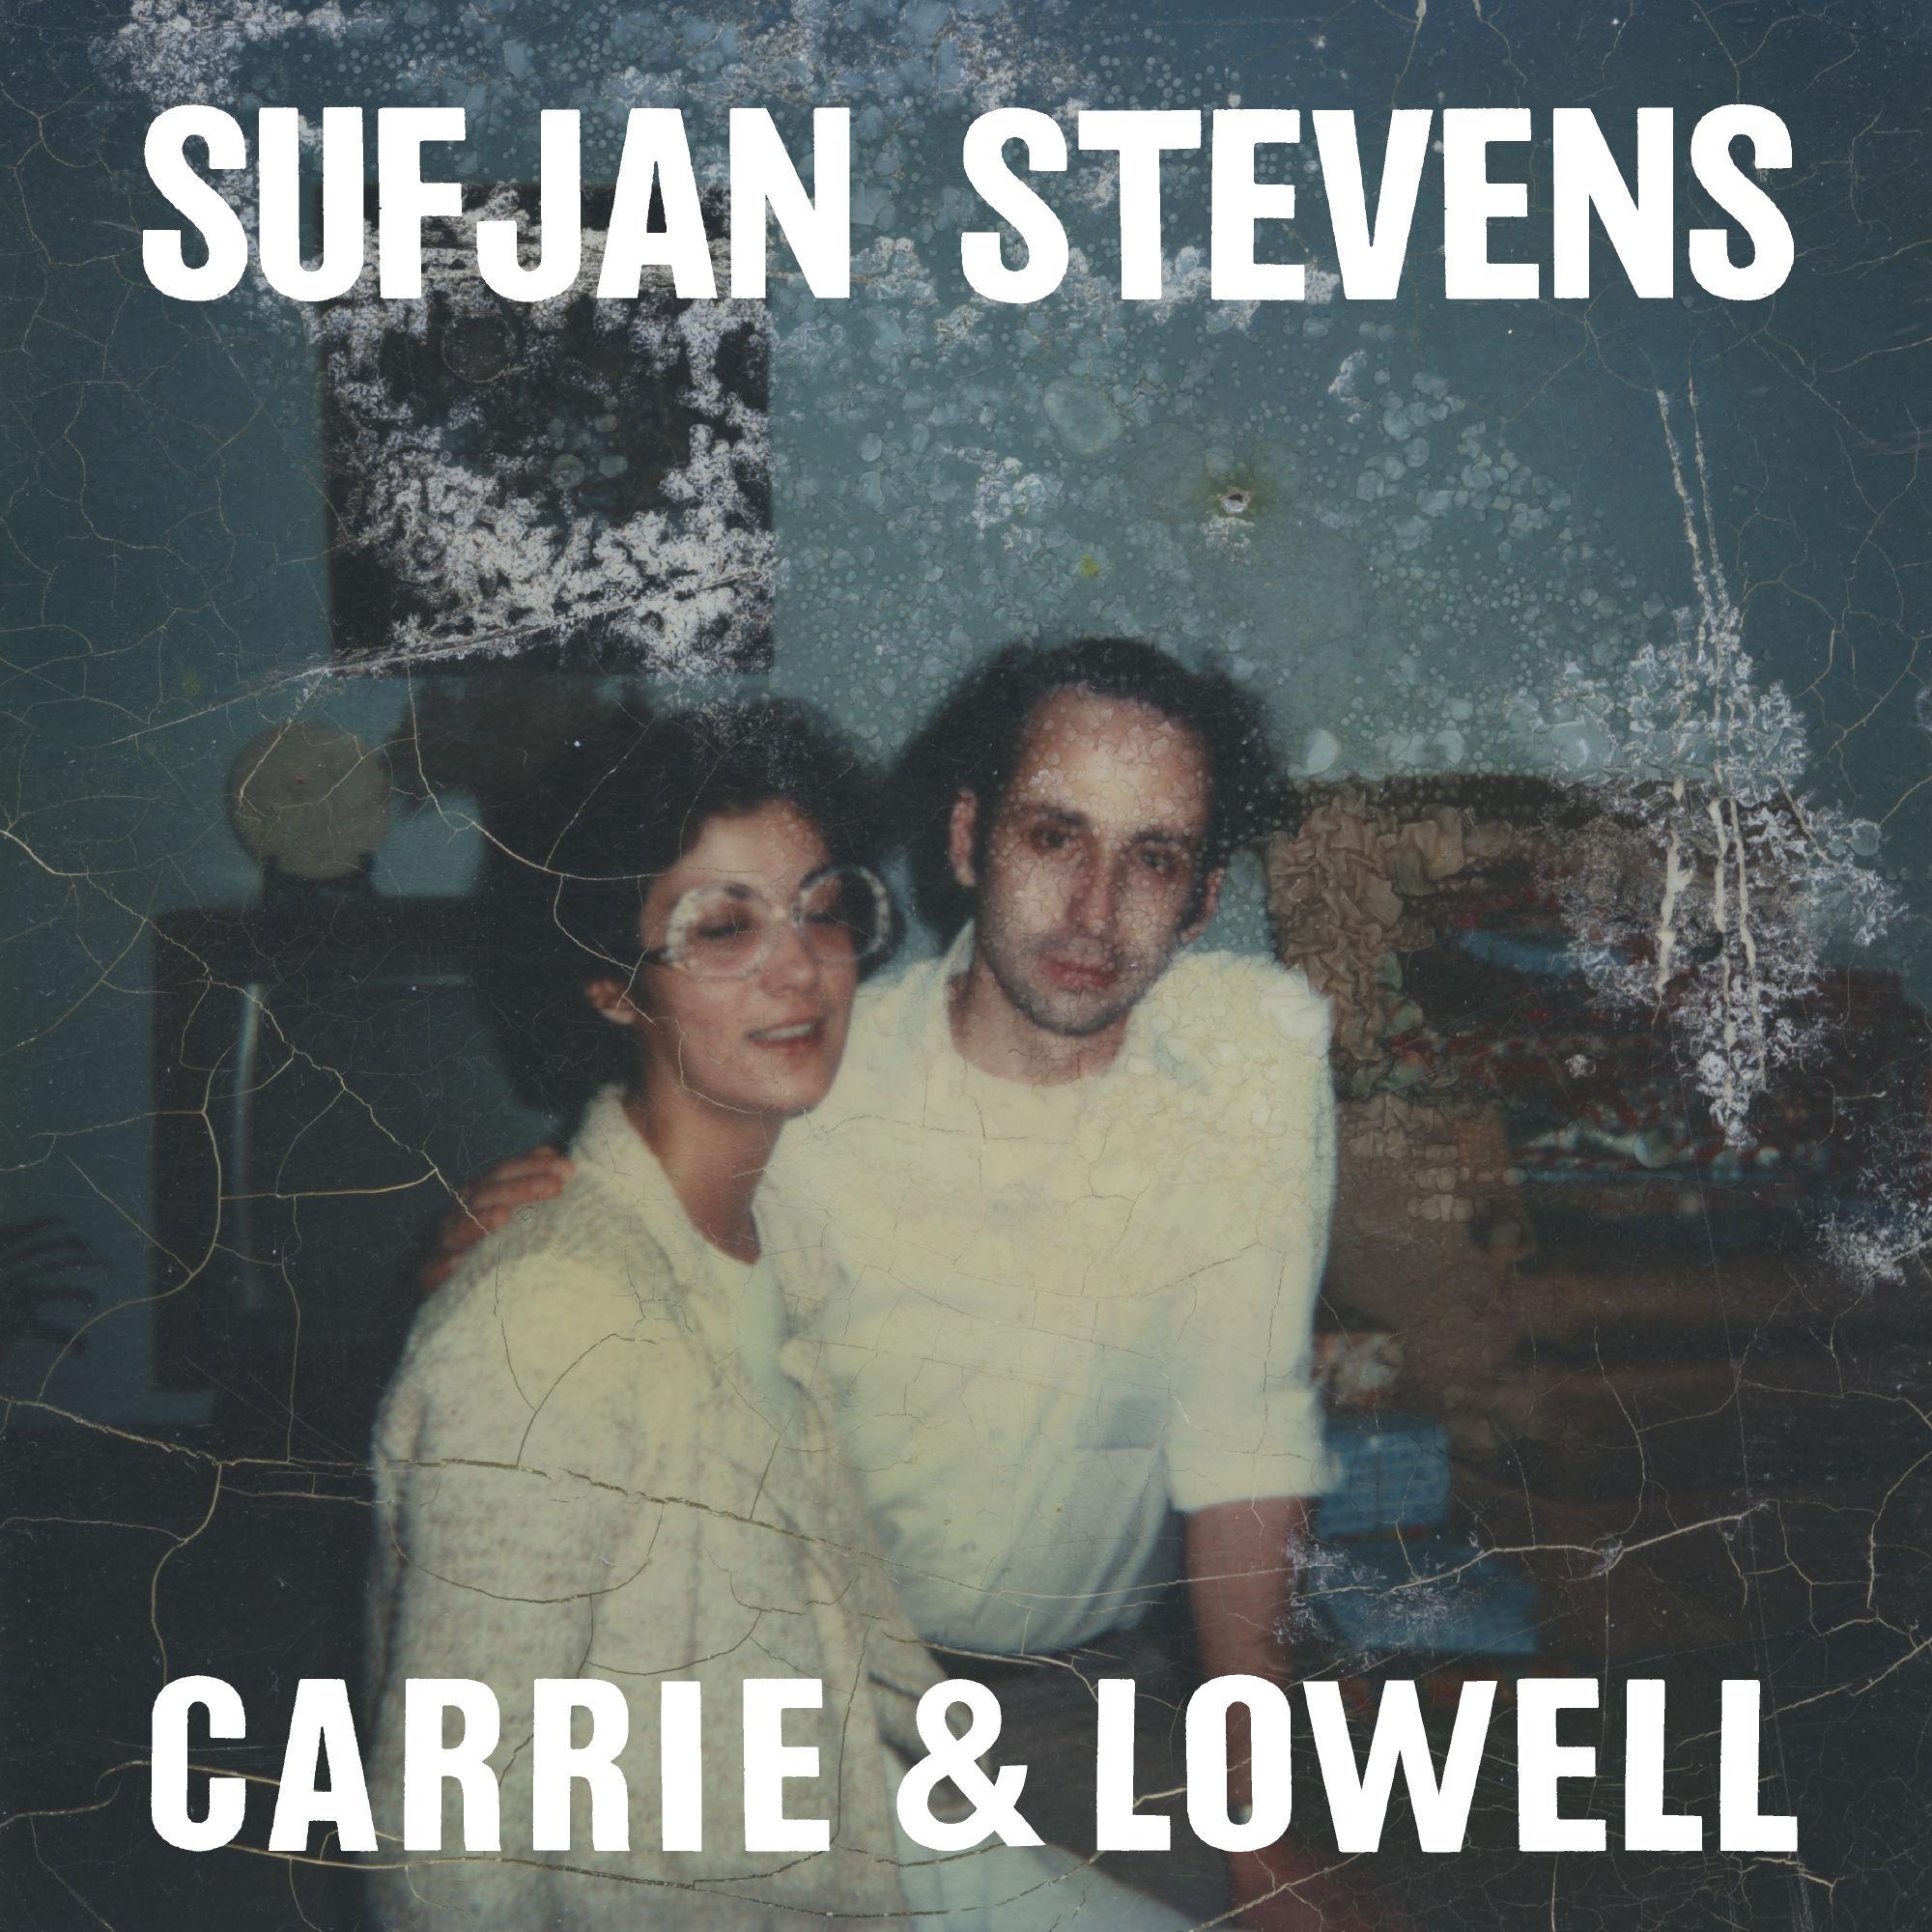 SUFJAN STEVENS – CARRIE & LOWELL